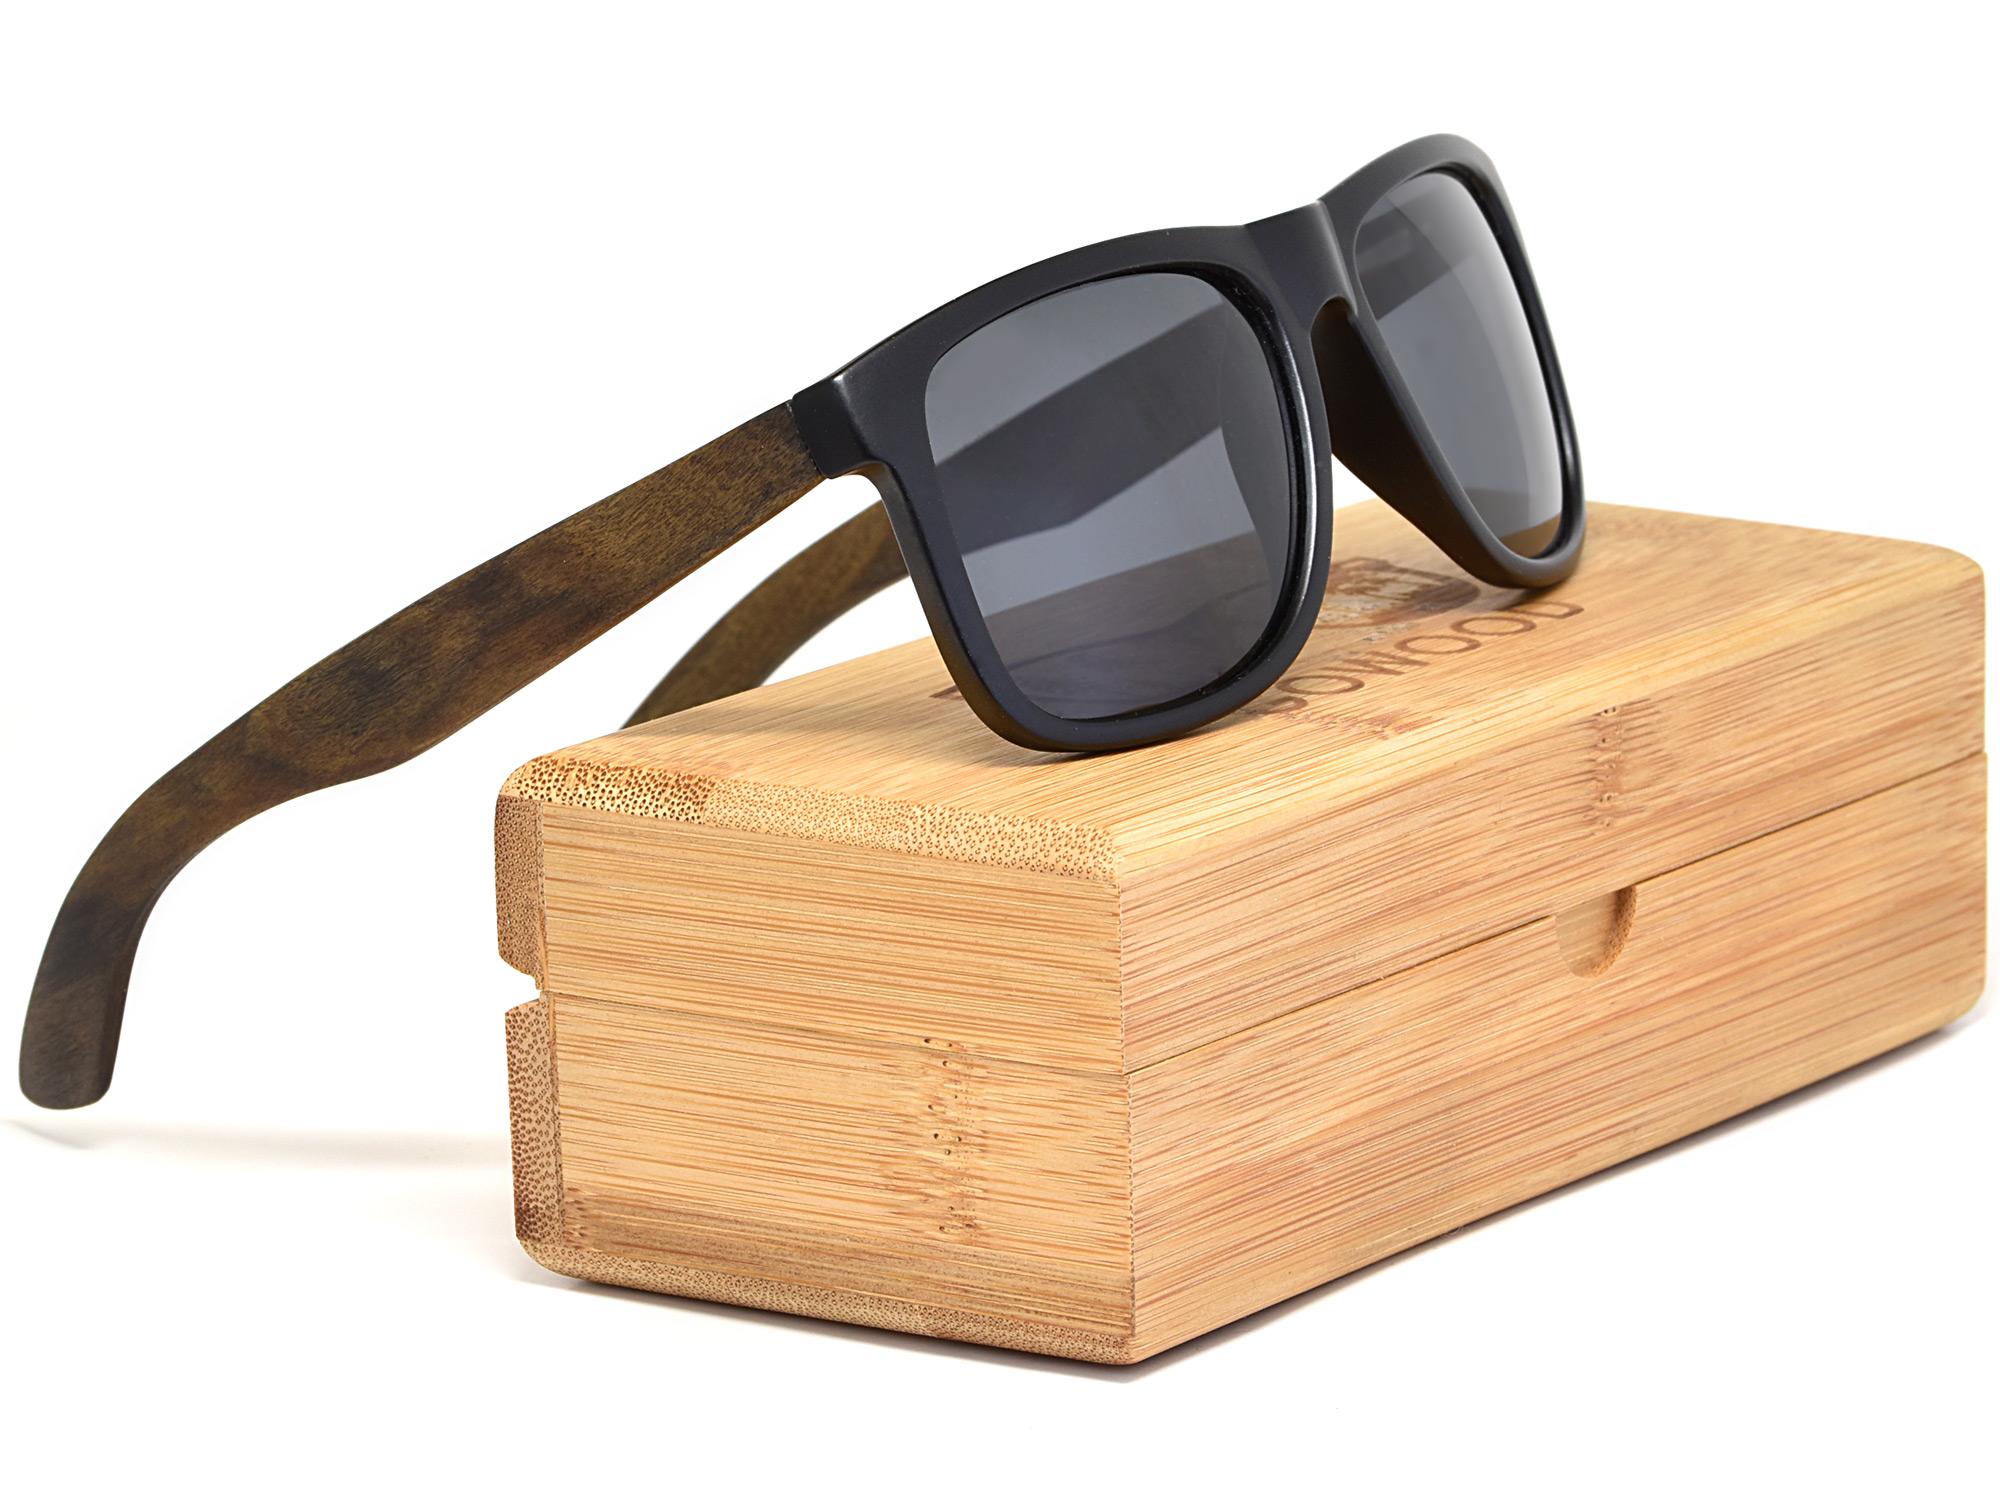 Lunettes de soleil carrées en bois d'ébène avec verres noir polarisés